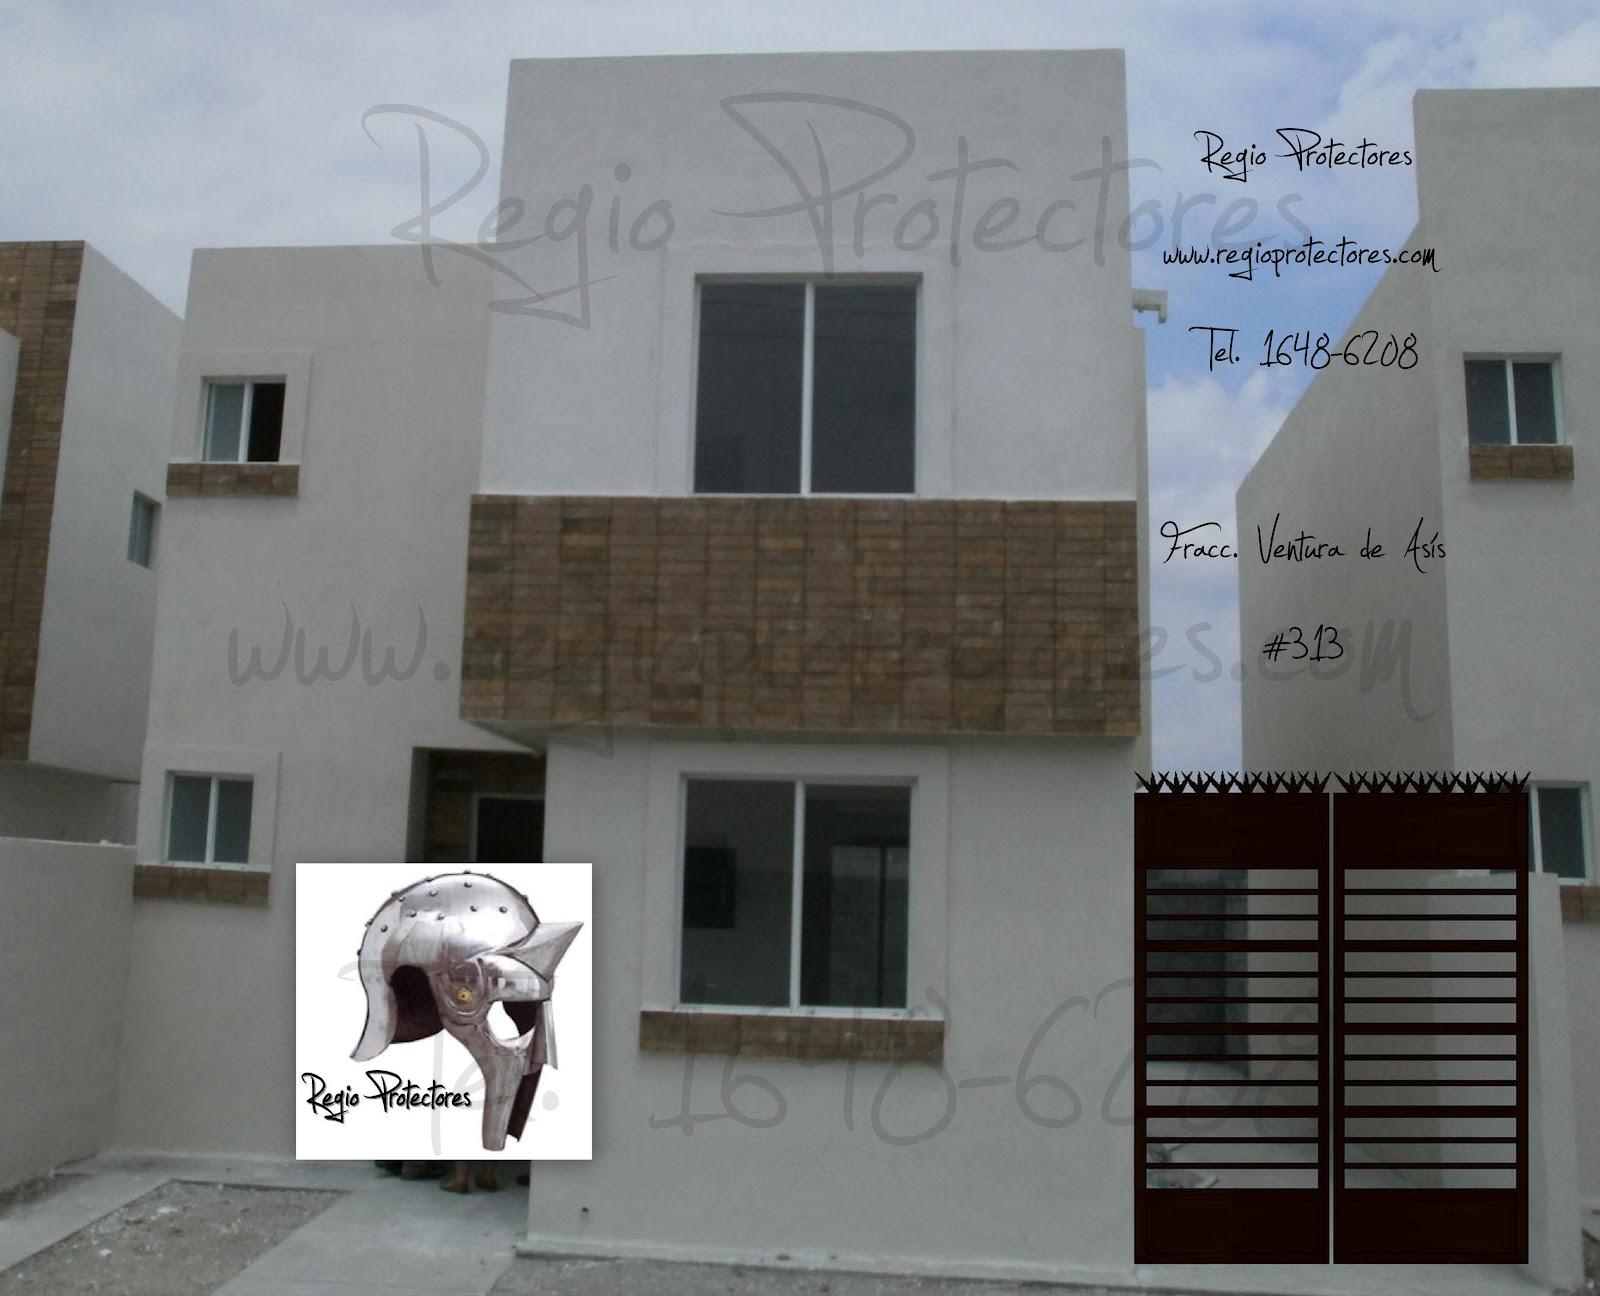 Regio protectores mayo 2012 for Puertas para patios modelos